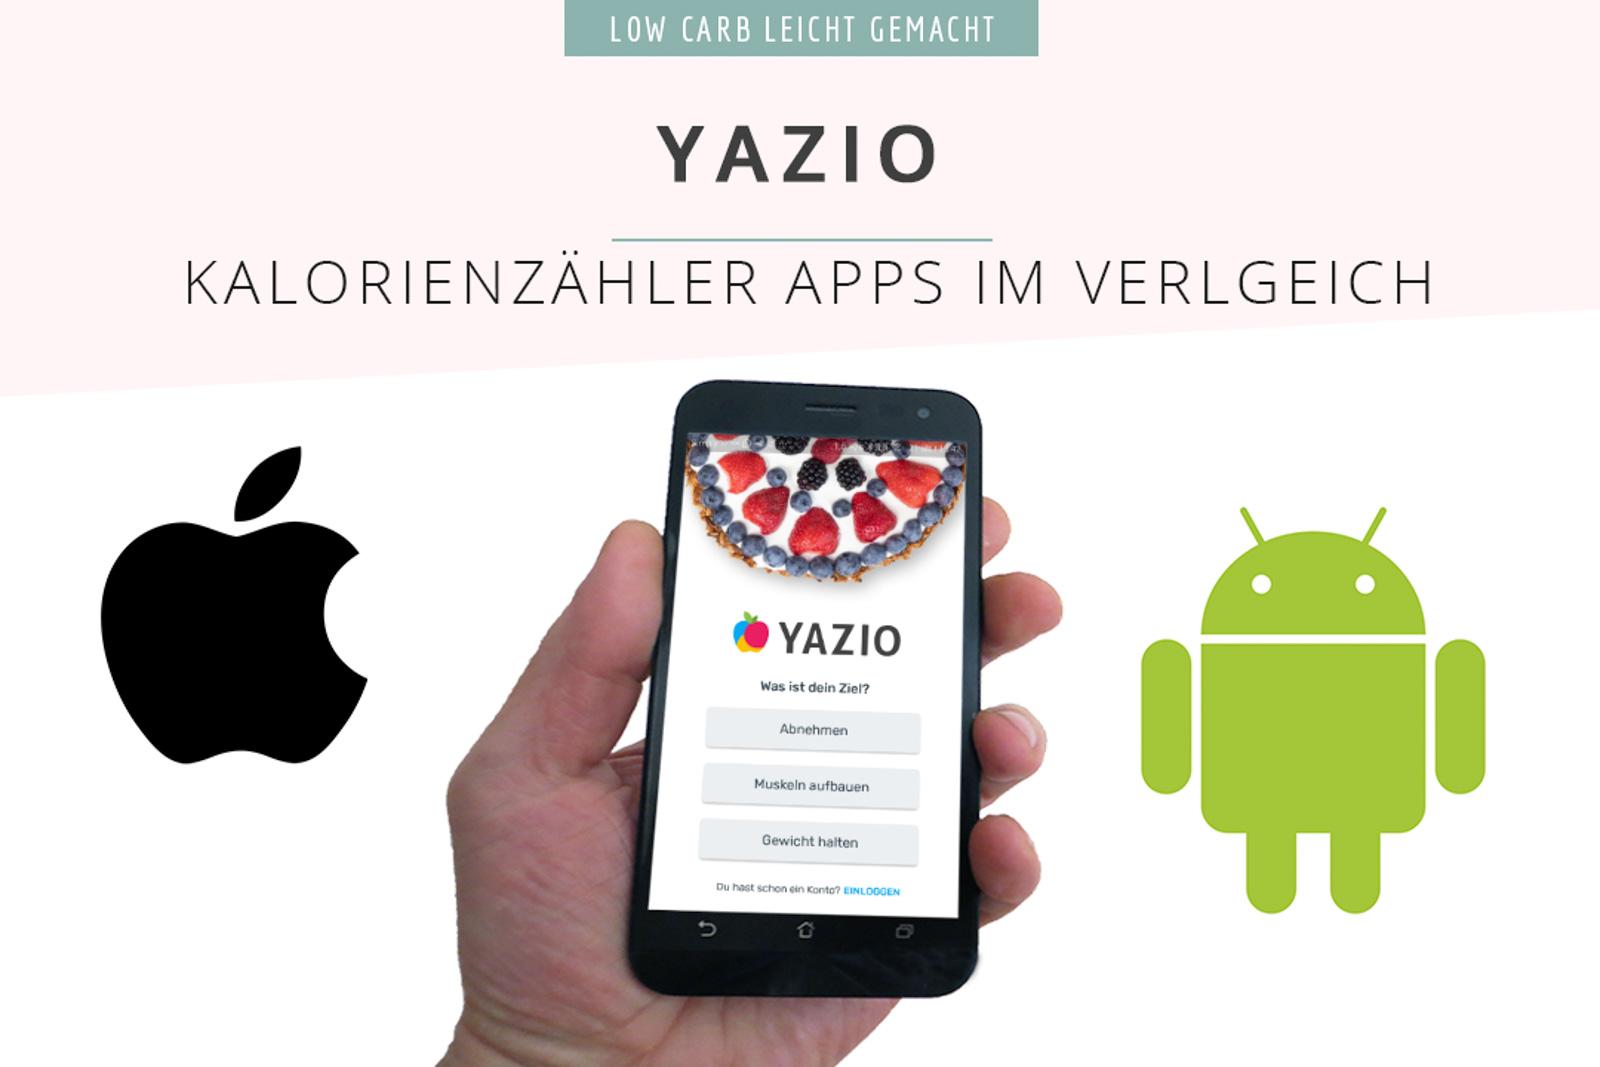 Yazio Kalorienzaehlerapps im Vergleich 1